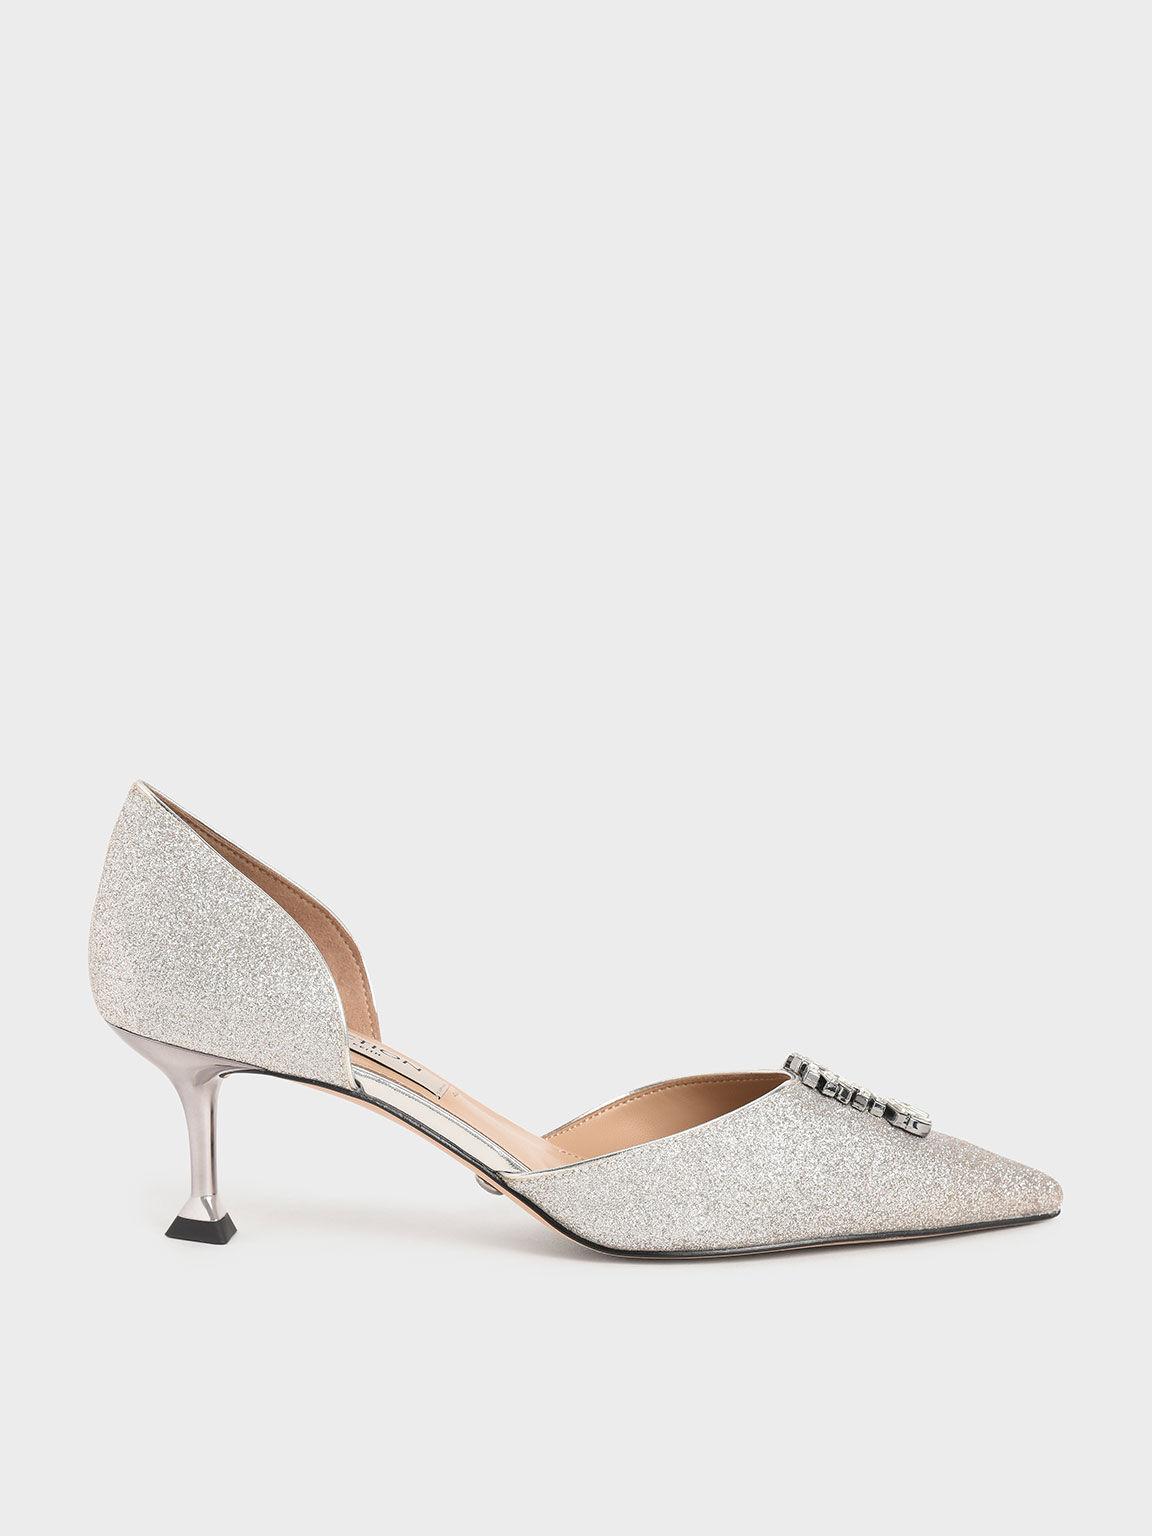 Wedding Collection: Glittered Gem-Embellished D'Orsay Pumps, Silver, hi-res